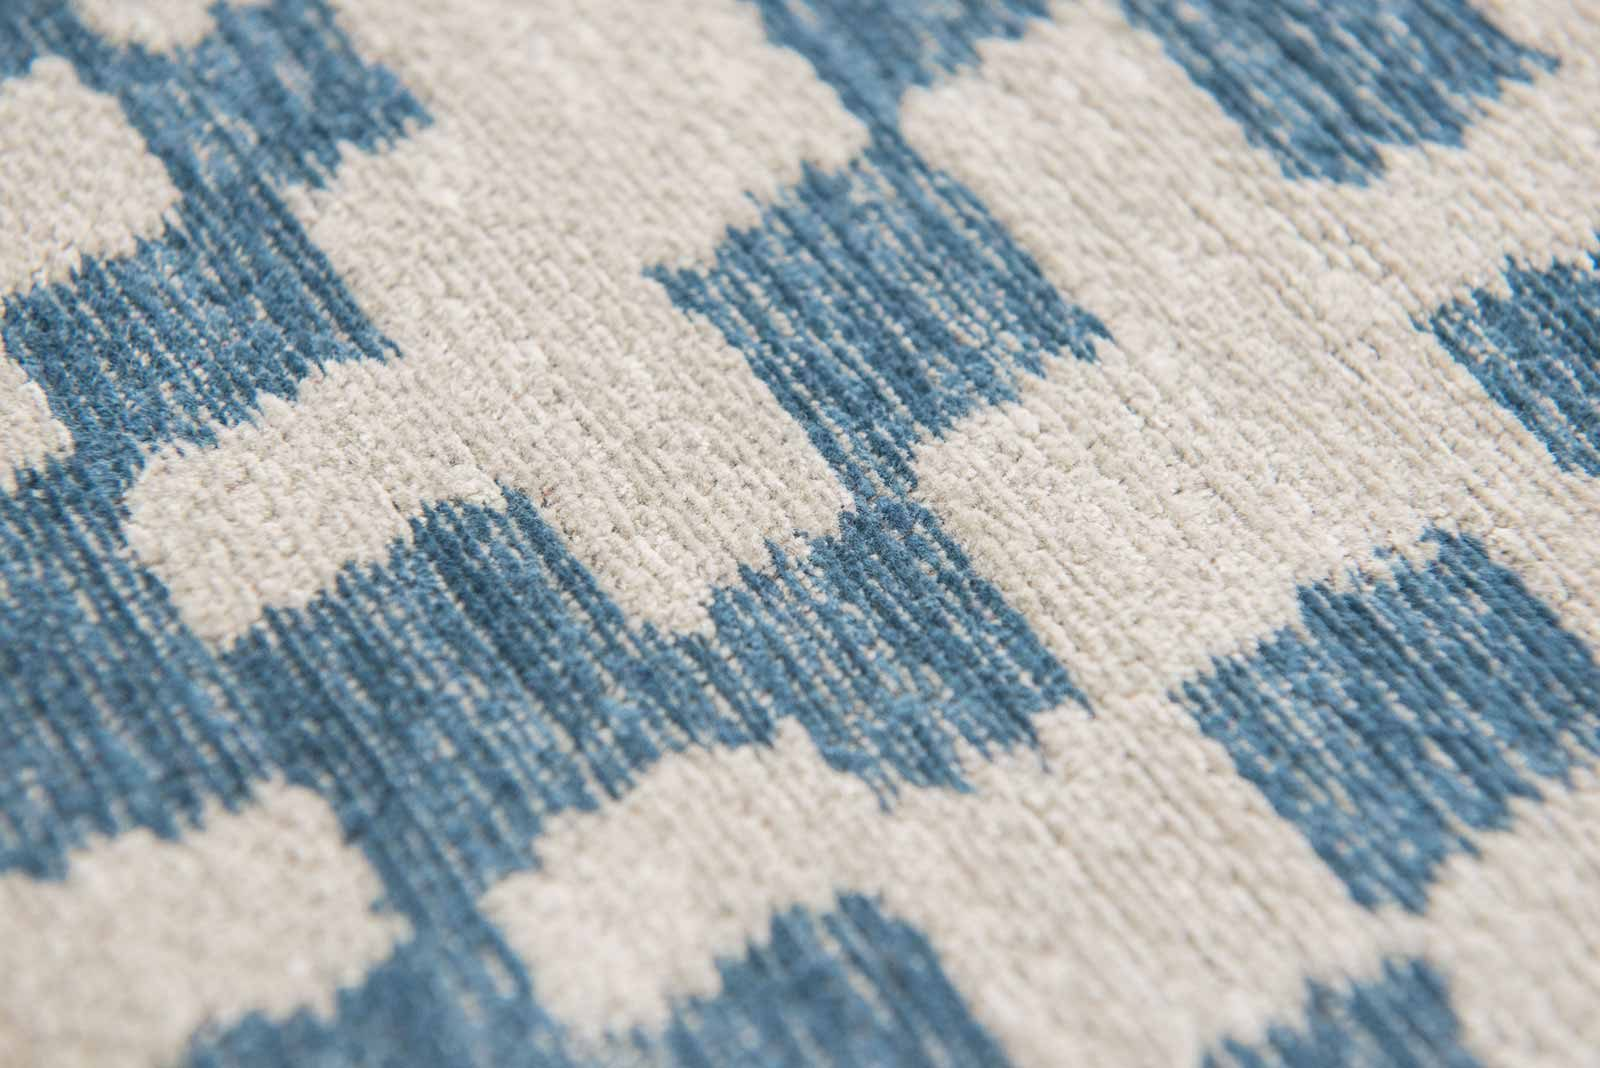 Louis De Poortere alfombras Villa Nova LX 8777 Freyr Indigo zoom 3